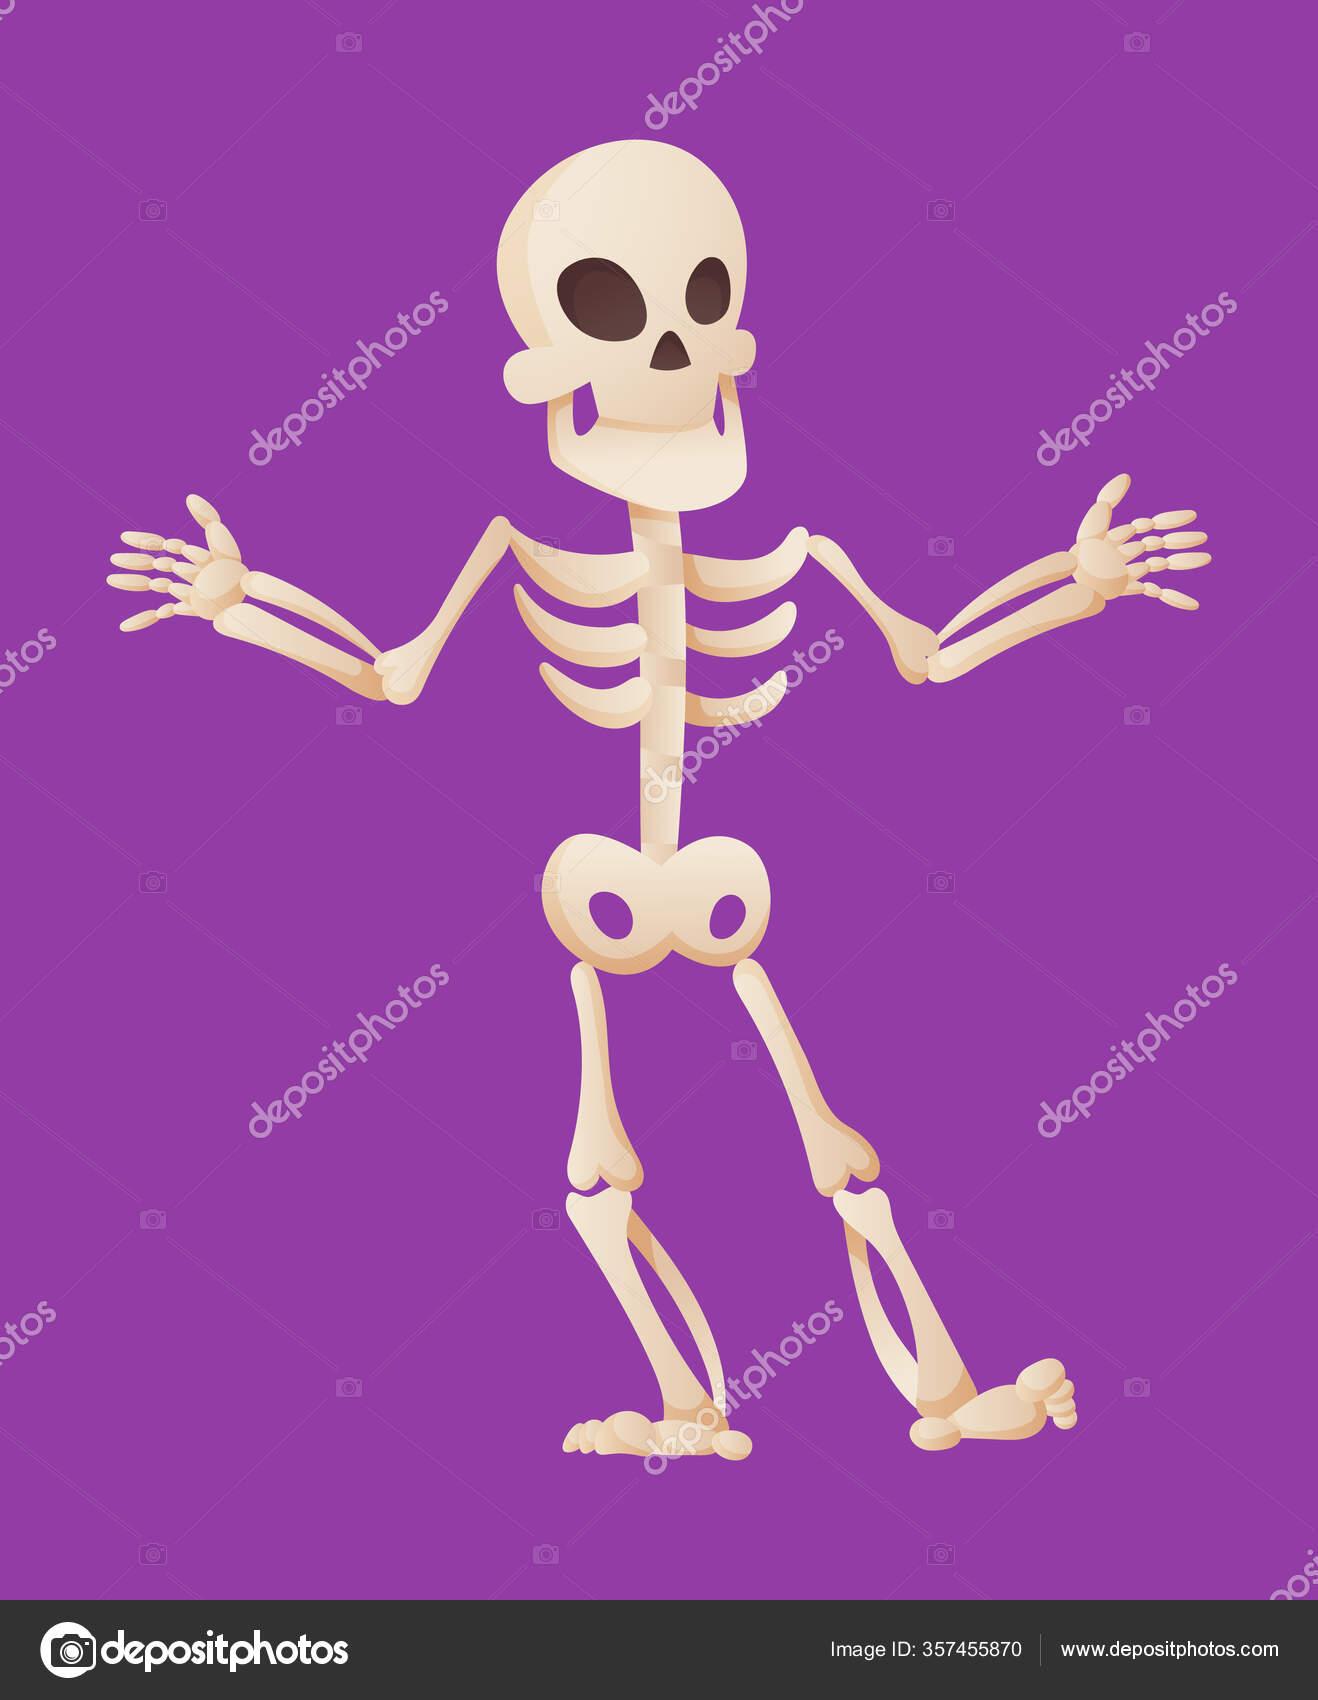 Drôle de squelette de dessin animé écarte les mains. Caractère vectoriel osseux. Illustration ...